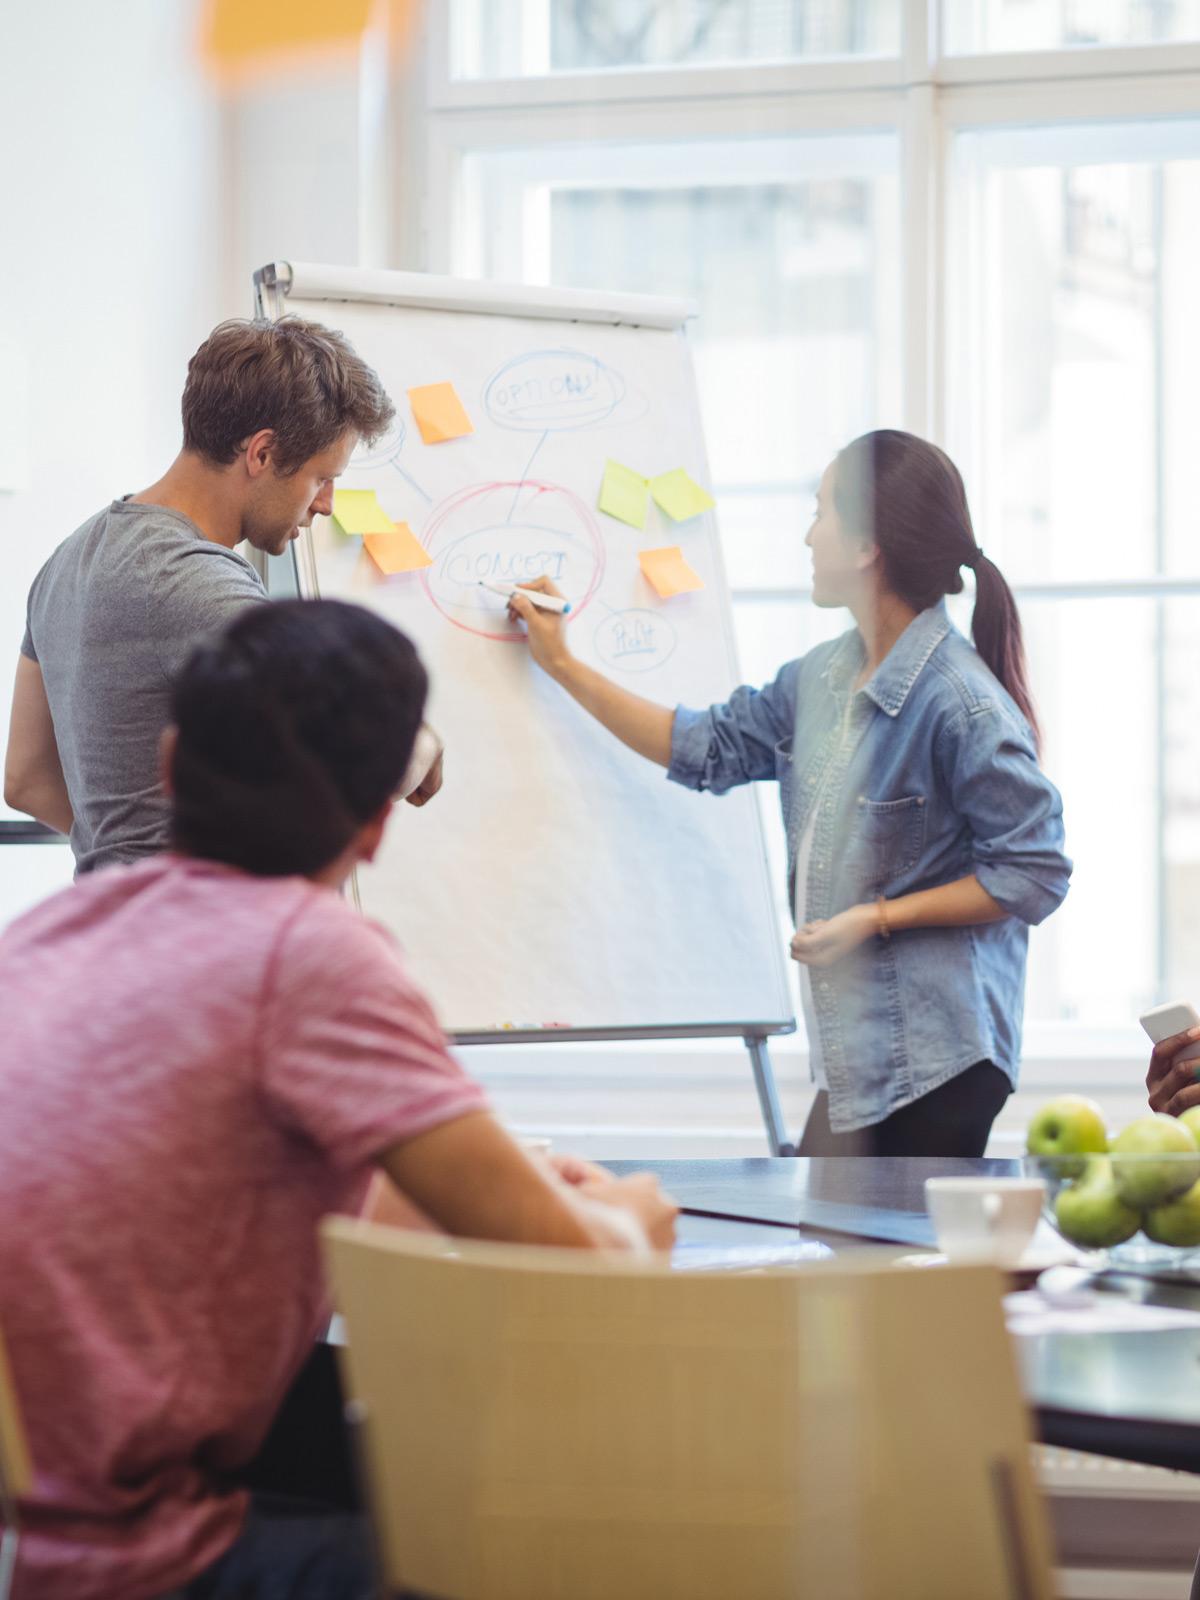 Réunion d'experts qui travaillent sur un paper board